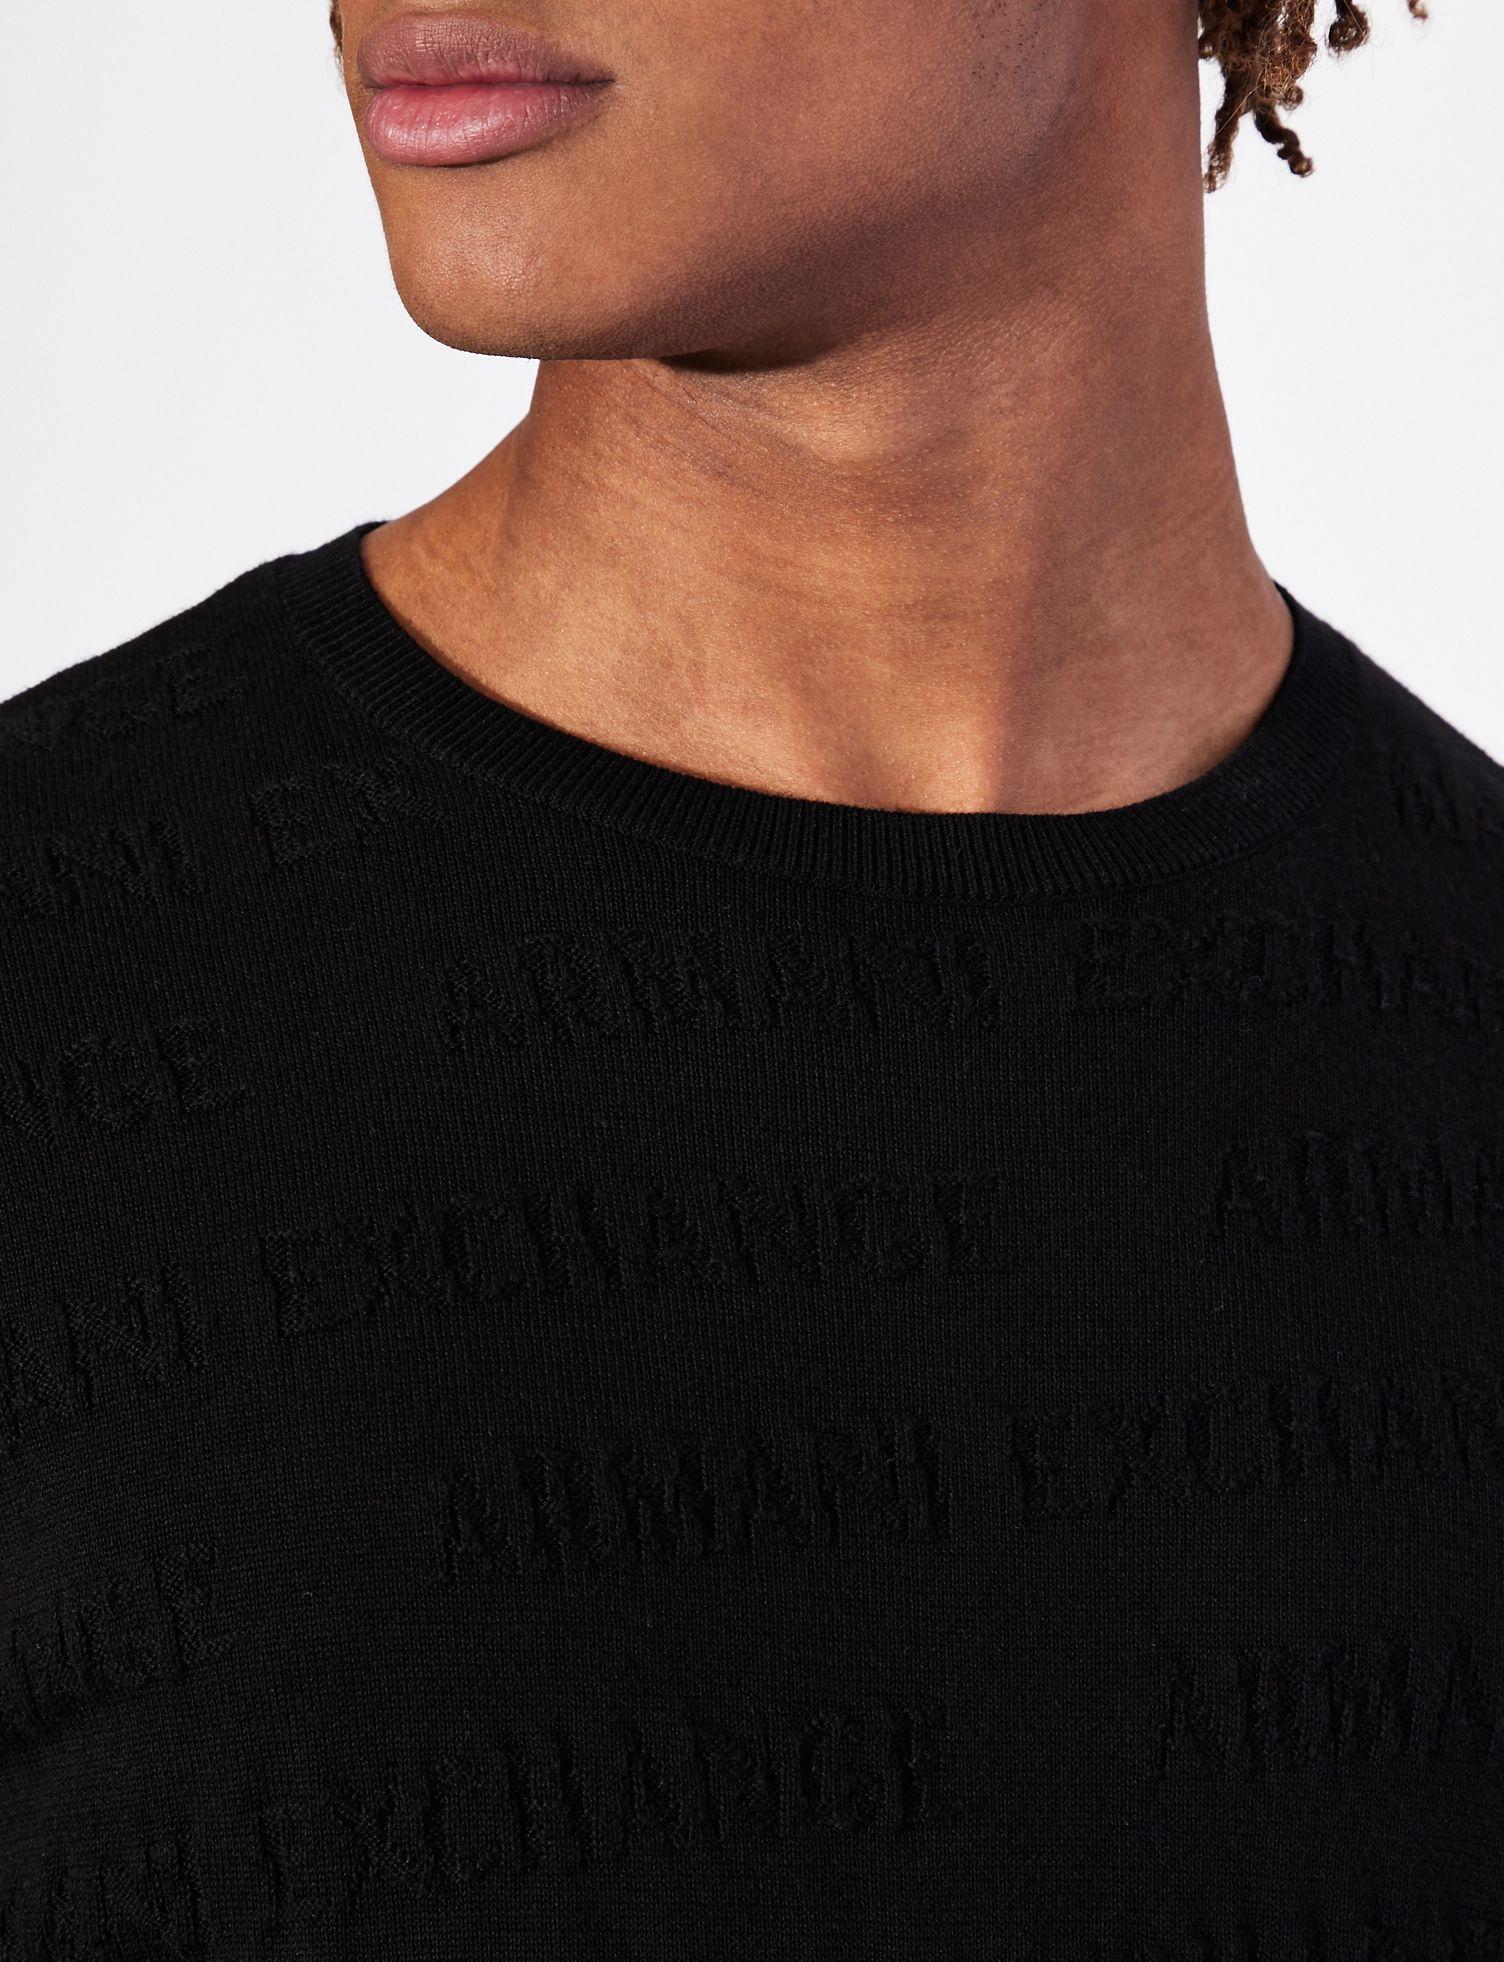 Armani Exchange Кофти та светри чоловічі модель 3HZM1L-ZMU6Z-6246 , 2017